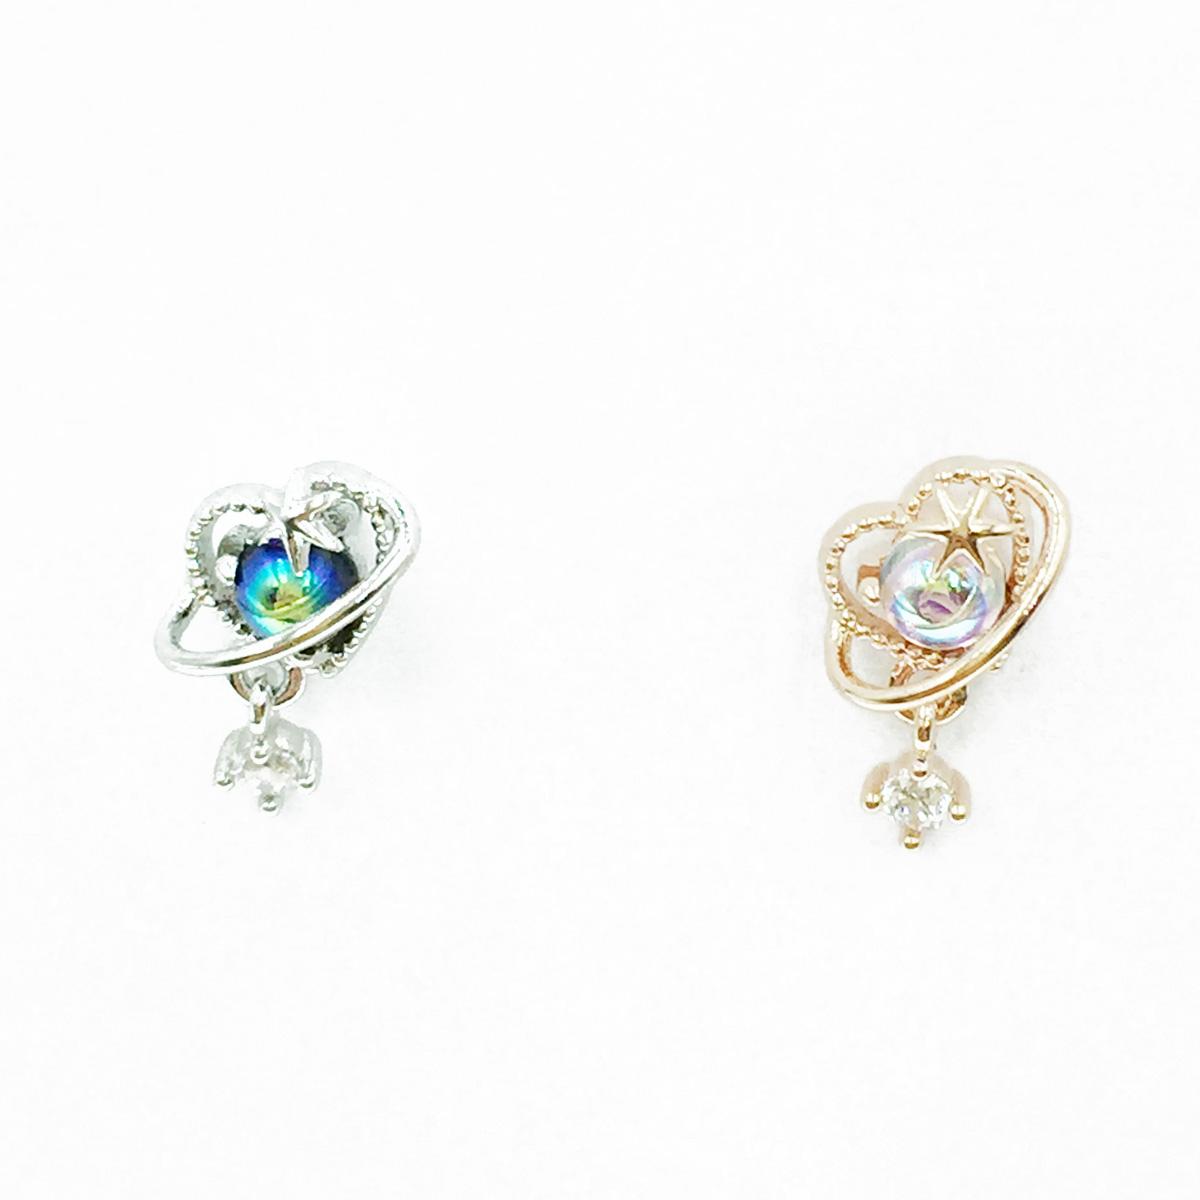 韓國 不鏽鋼 愛心 星星 水鑽 2色 單支後轉 垂墜感 耳針式耳環